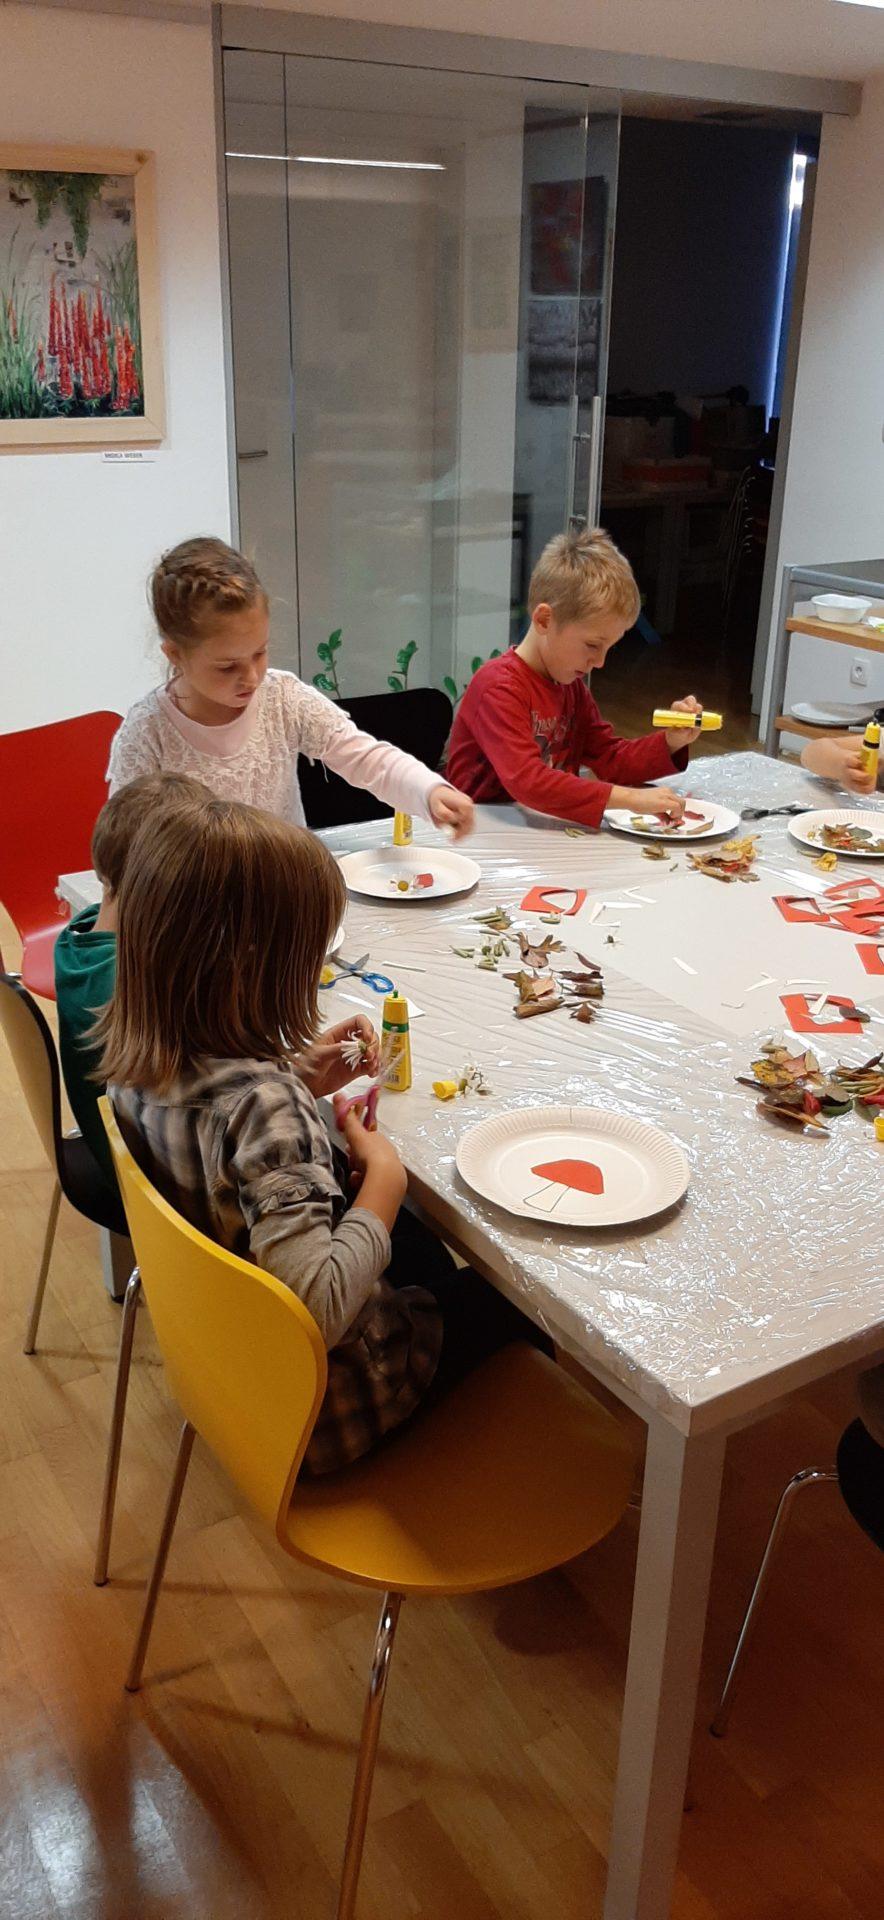 20191022 174252 - Pravljična urica z ustvarjalno delavnico za otroke od 4. leta dalje – Rakek